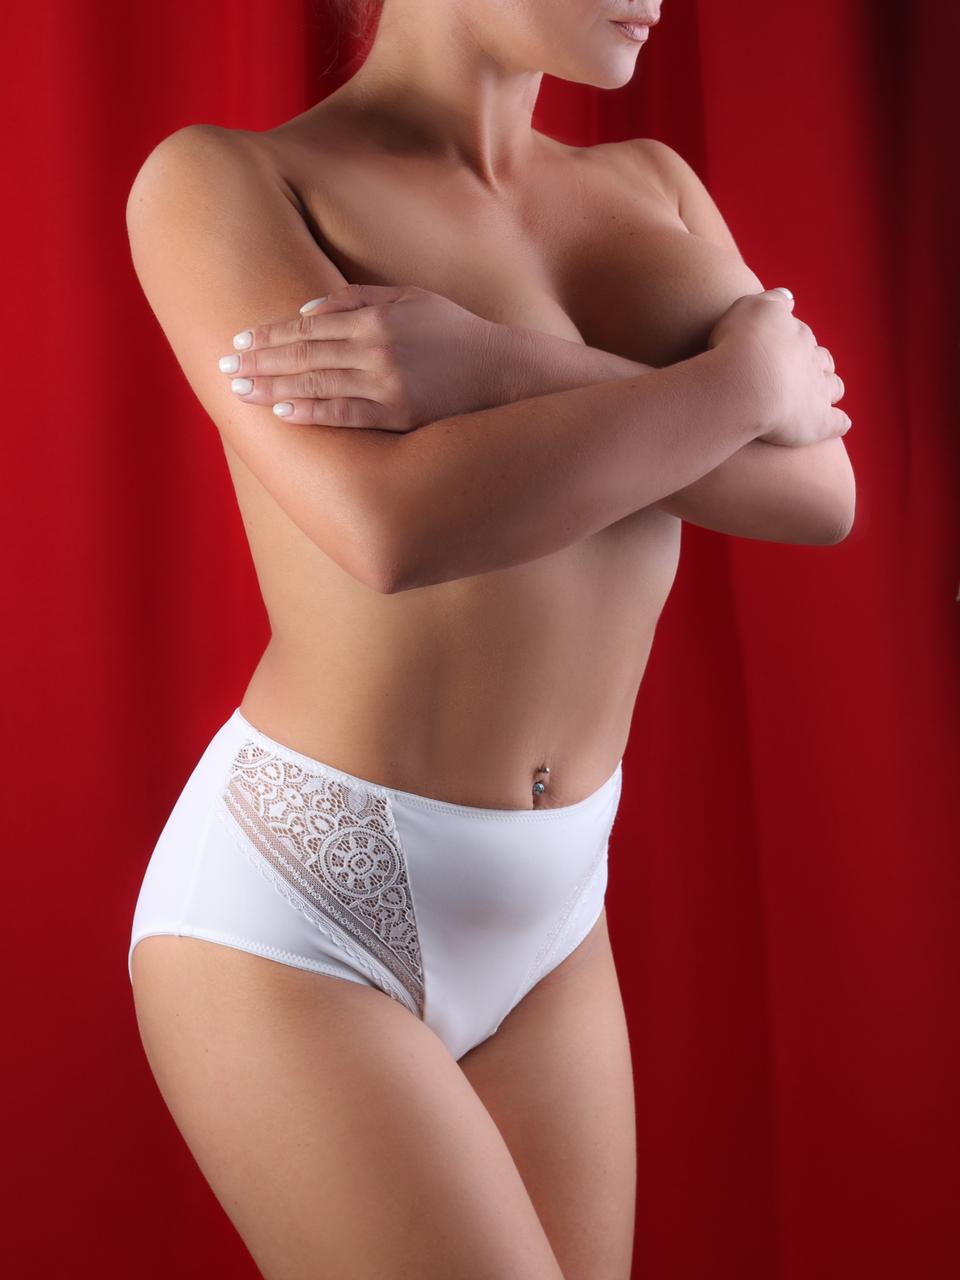 Трусики жіночі Acousma P6479H, колір Білий,  розмір L